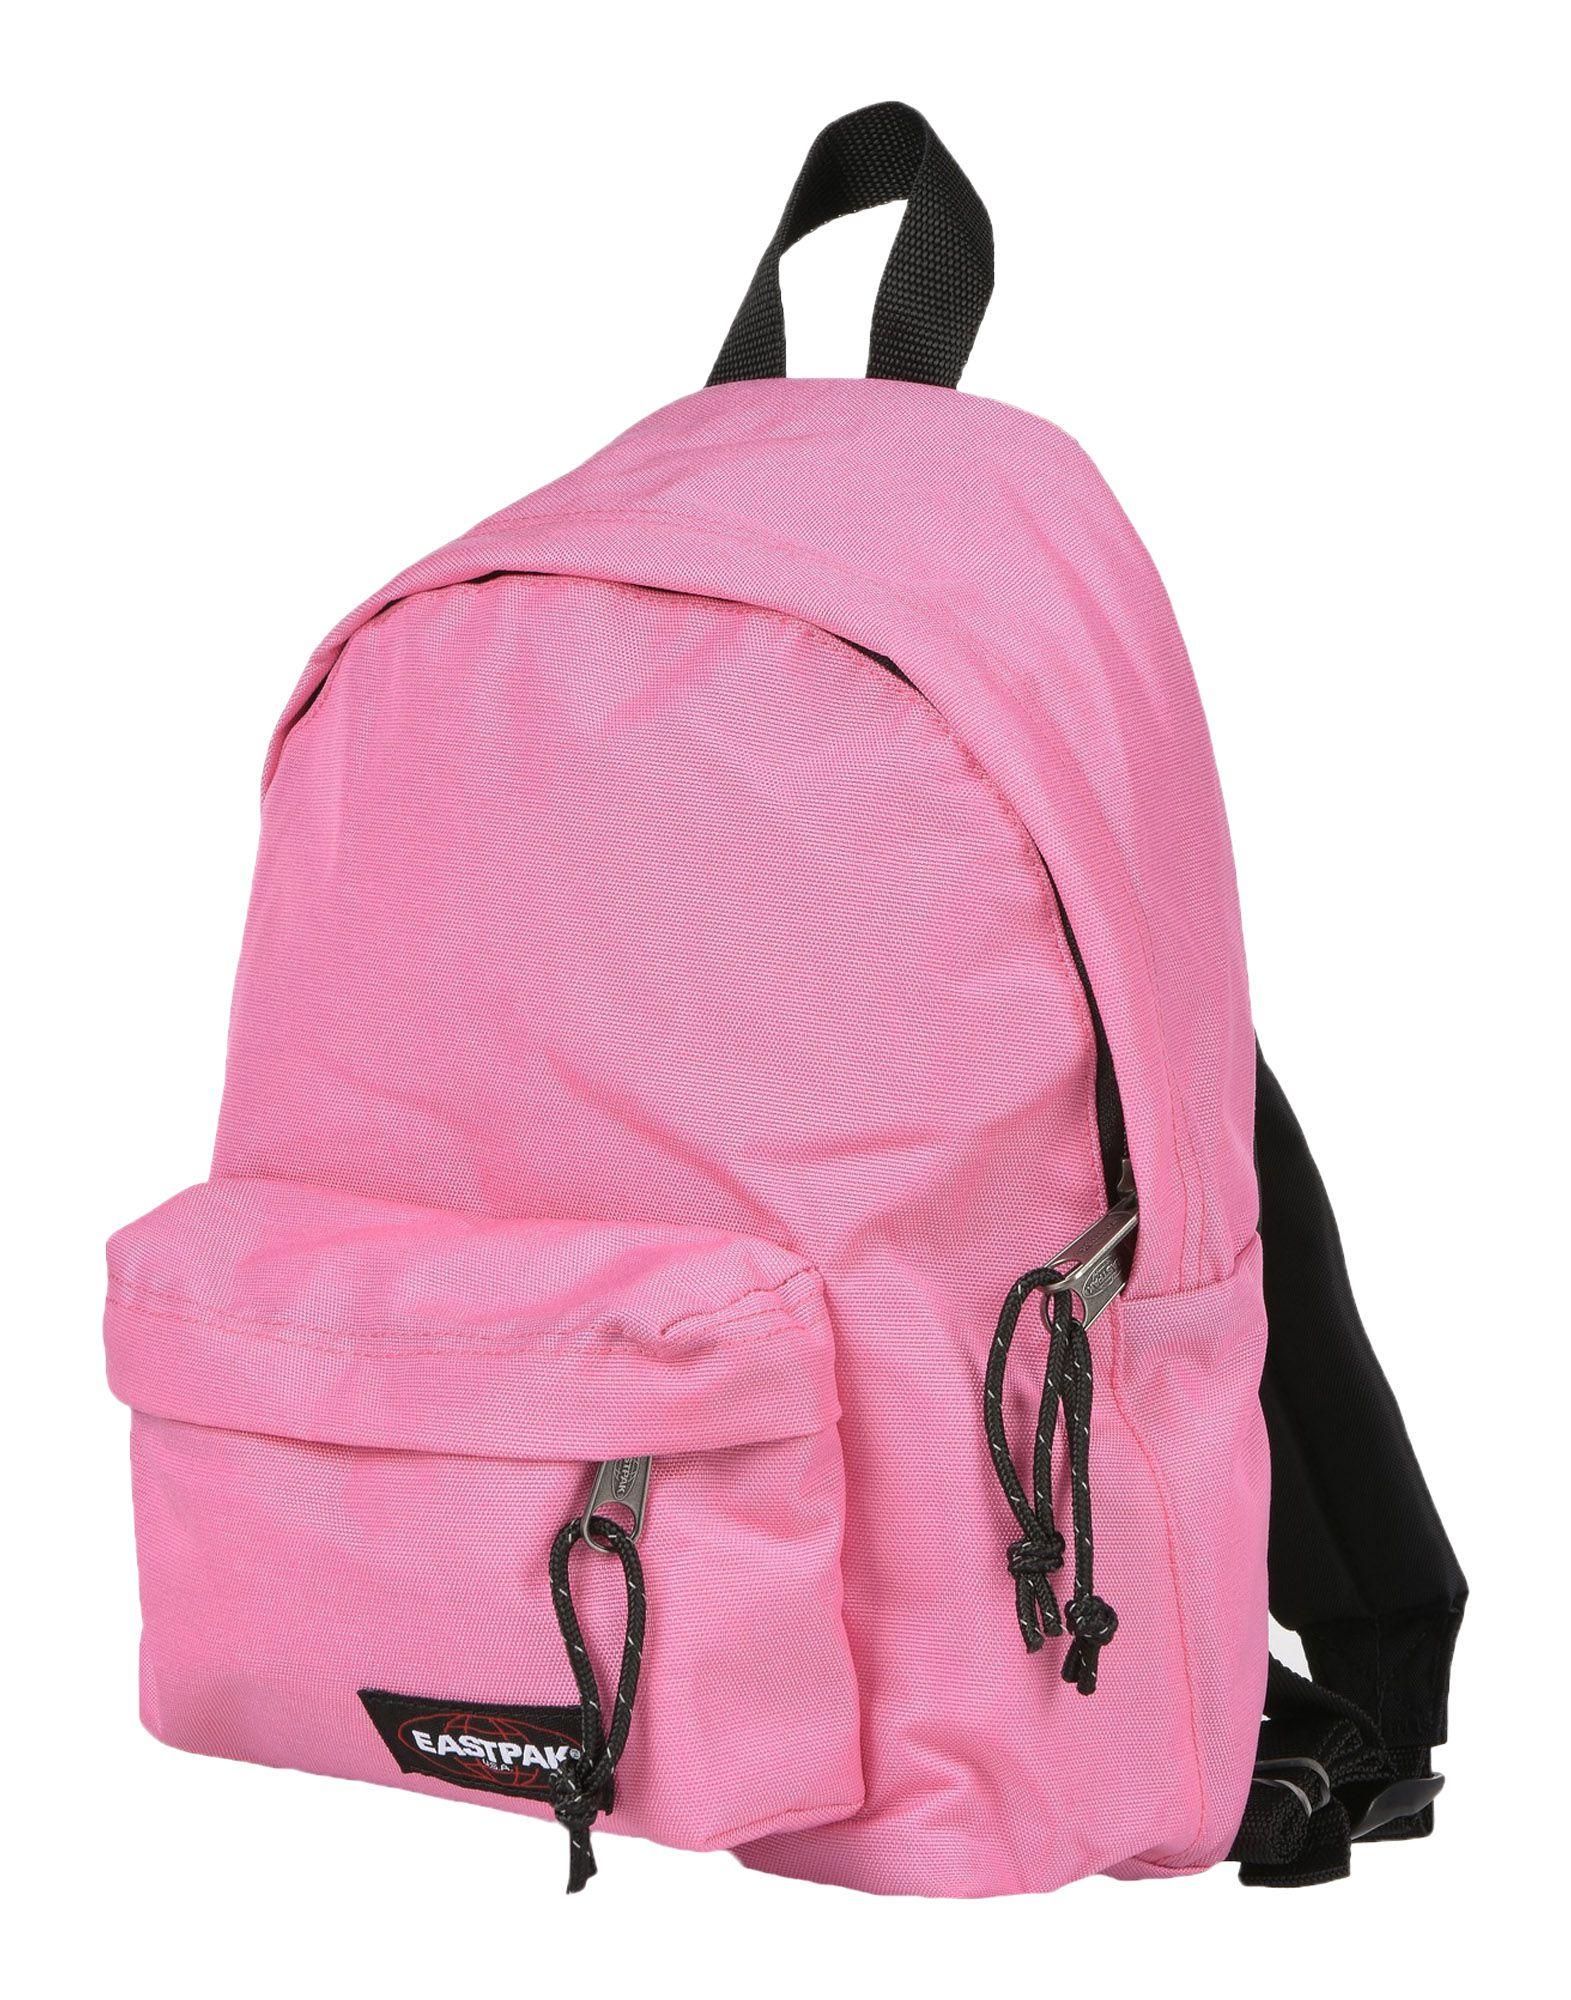 《送料無料》EASTPAK Unisex バックパック&ヒップバッグ ピンク 紡績繊維 ORBIT